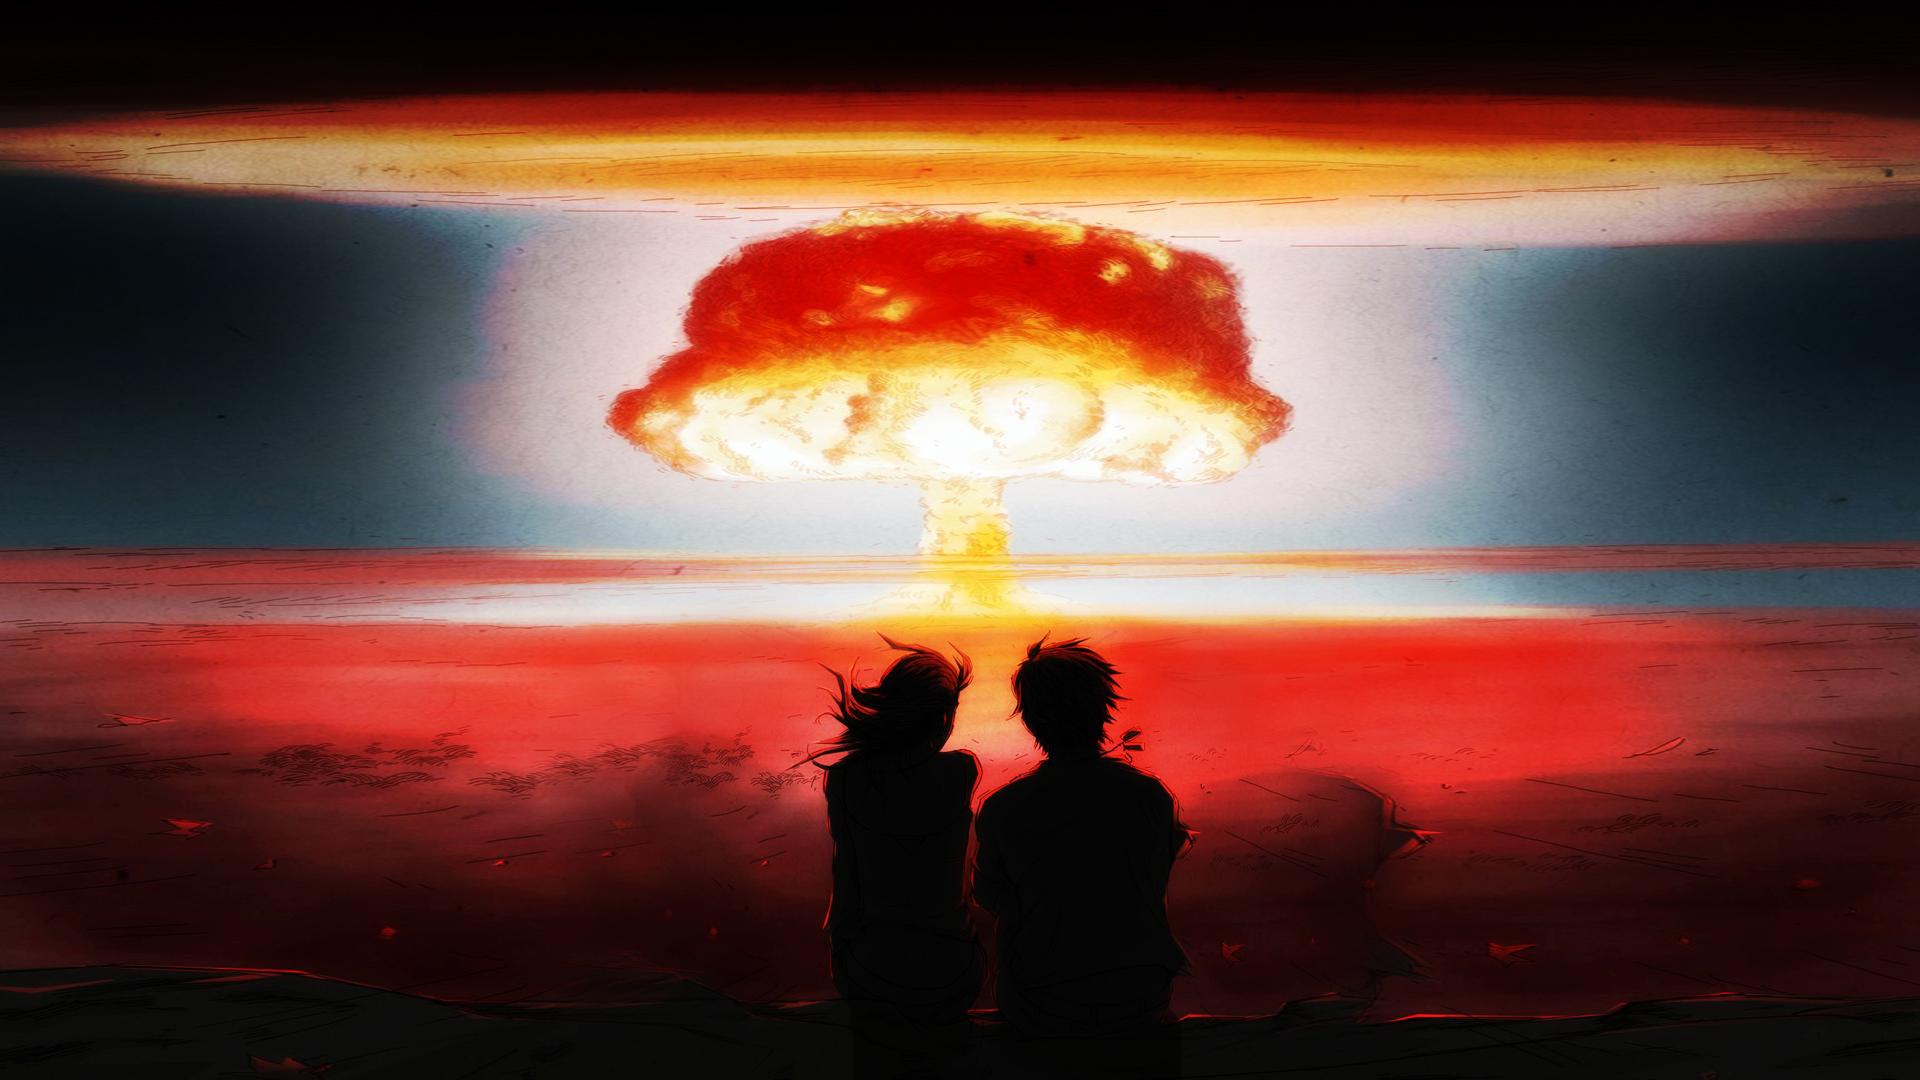 Обои на рабочий стол 1366х768 ядерный взрыв